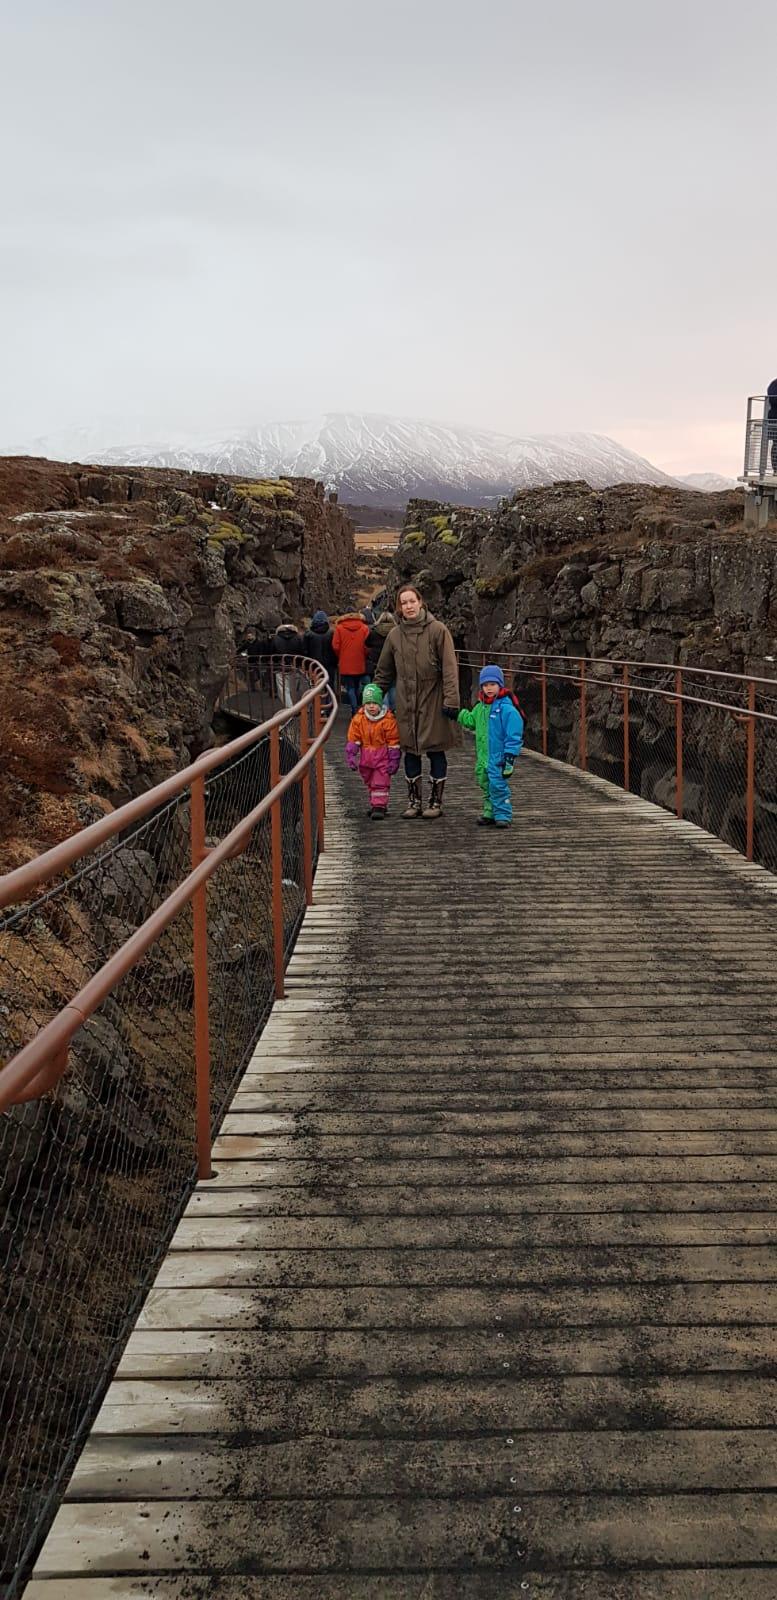 islanti lasten kanssa